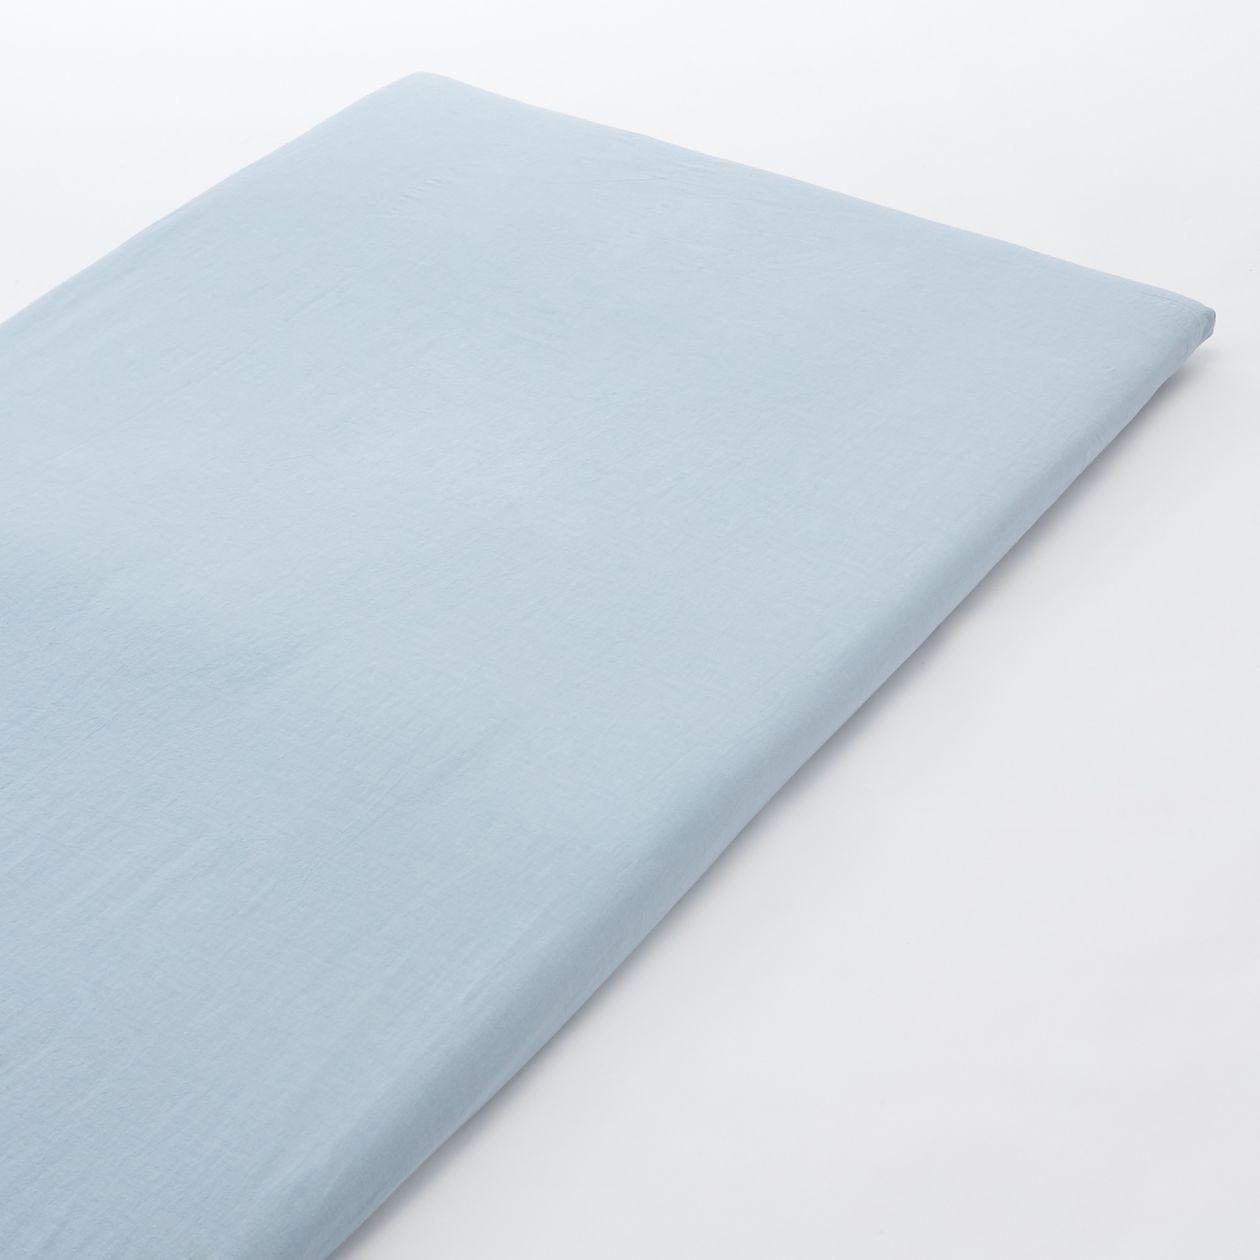 綿洗いざらし敷ふとんカバー・SD/ライトブルー